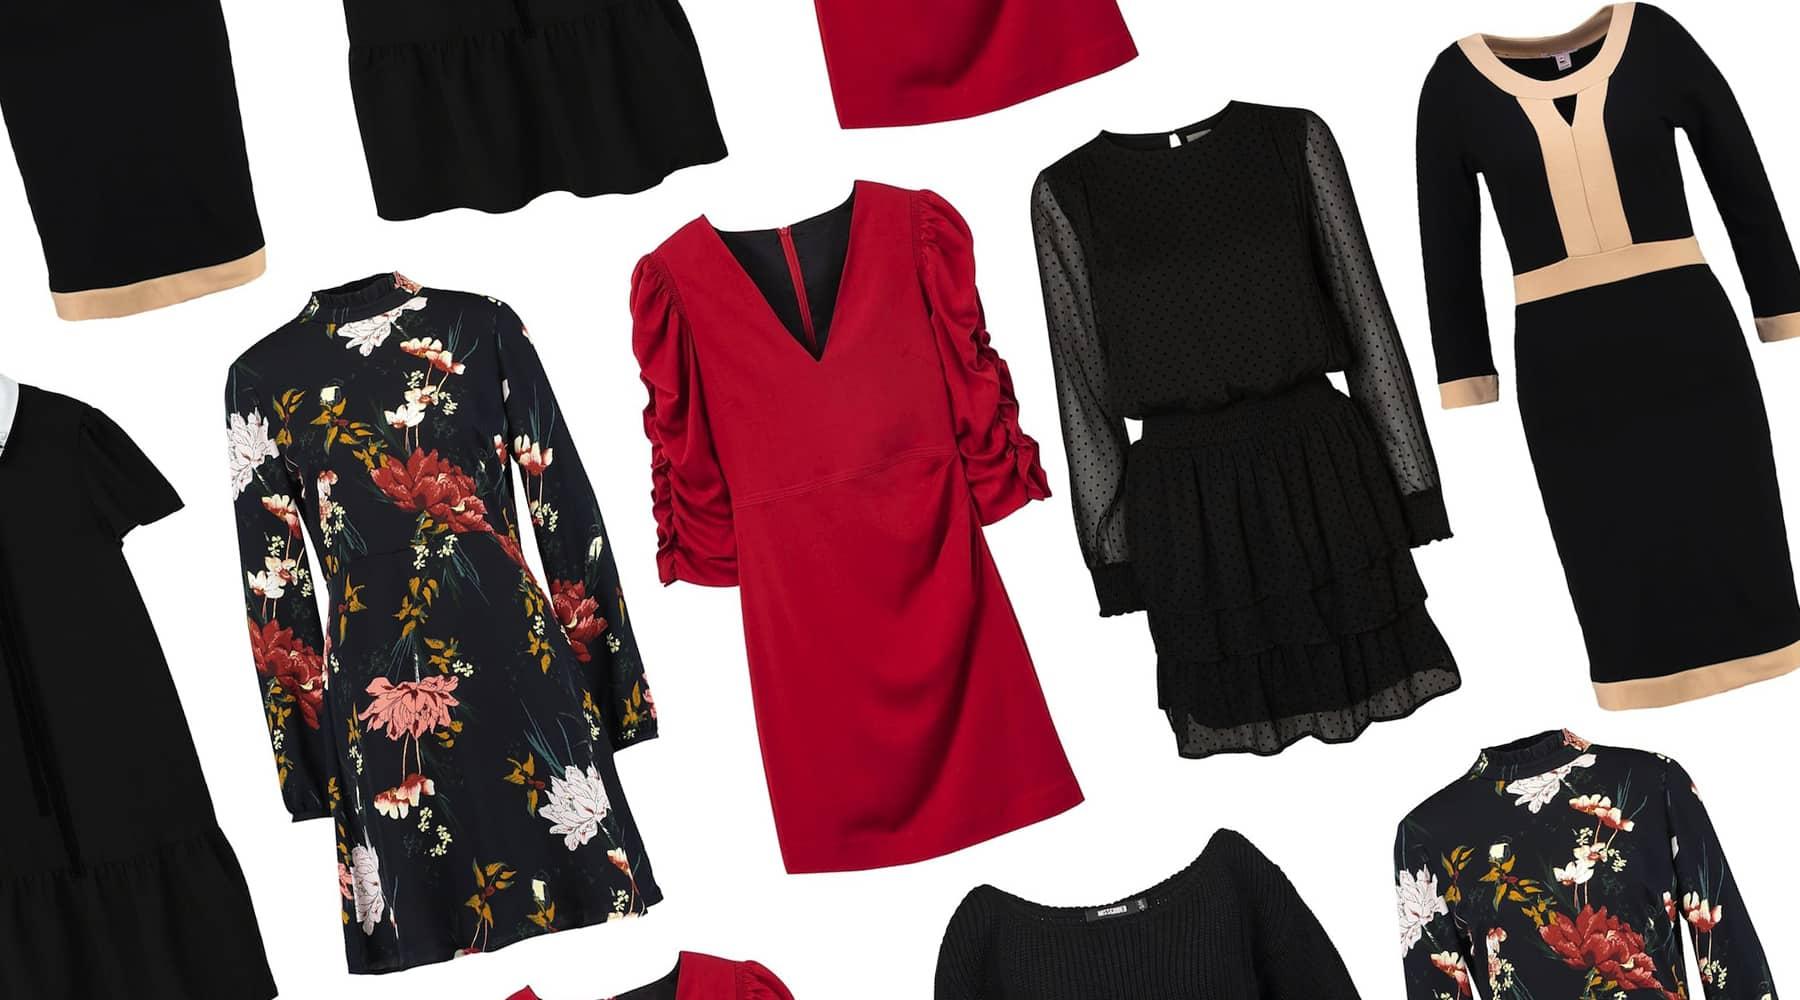 f08875c5a0309 Vestiti low cost  20 modelli sotto i 70 euro perfetti per l inverno